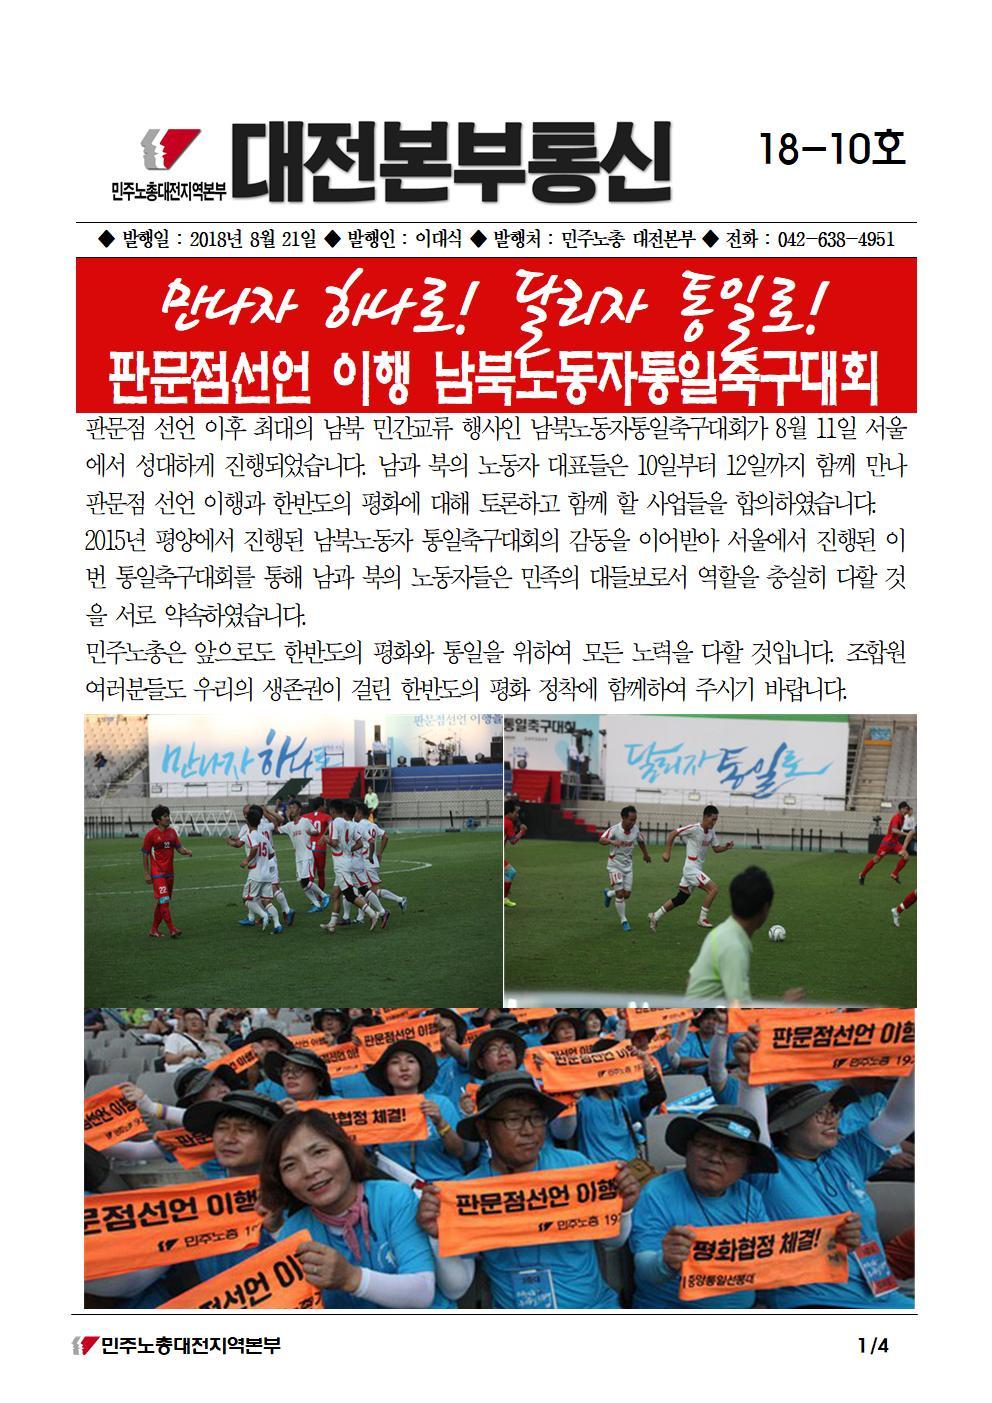 민주노총 대전본부 본부통신 18_10호